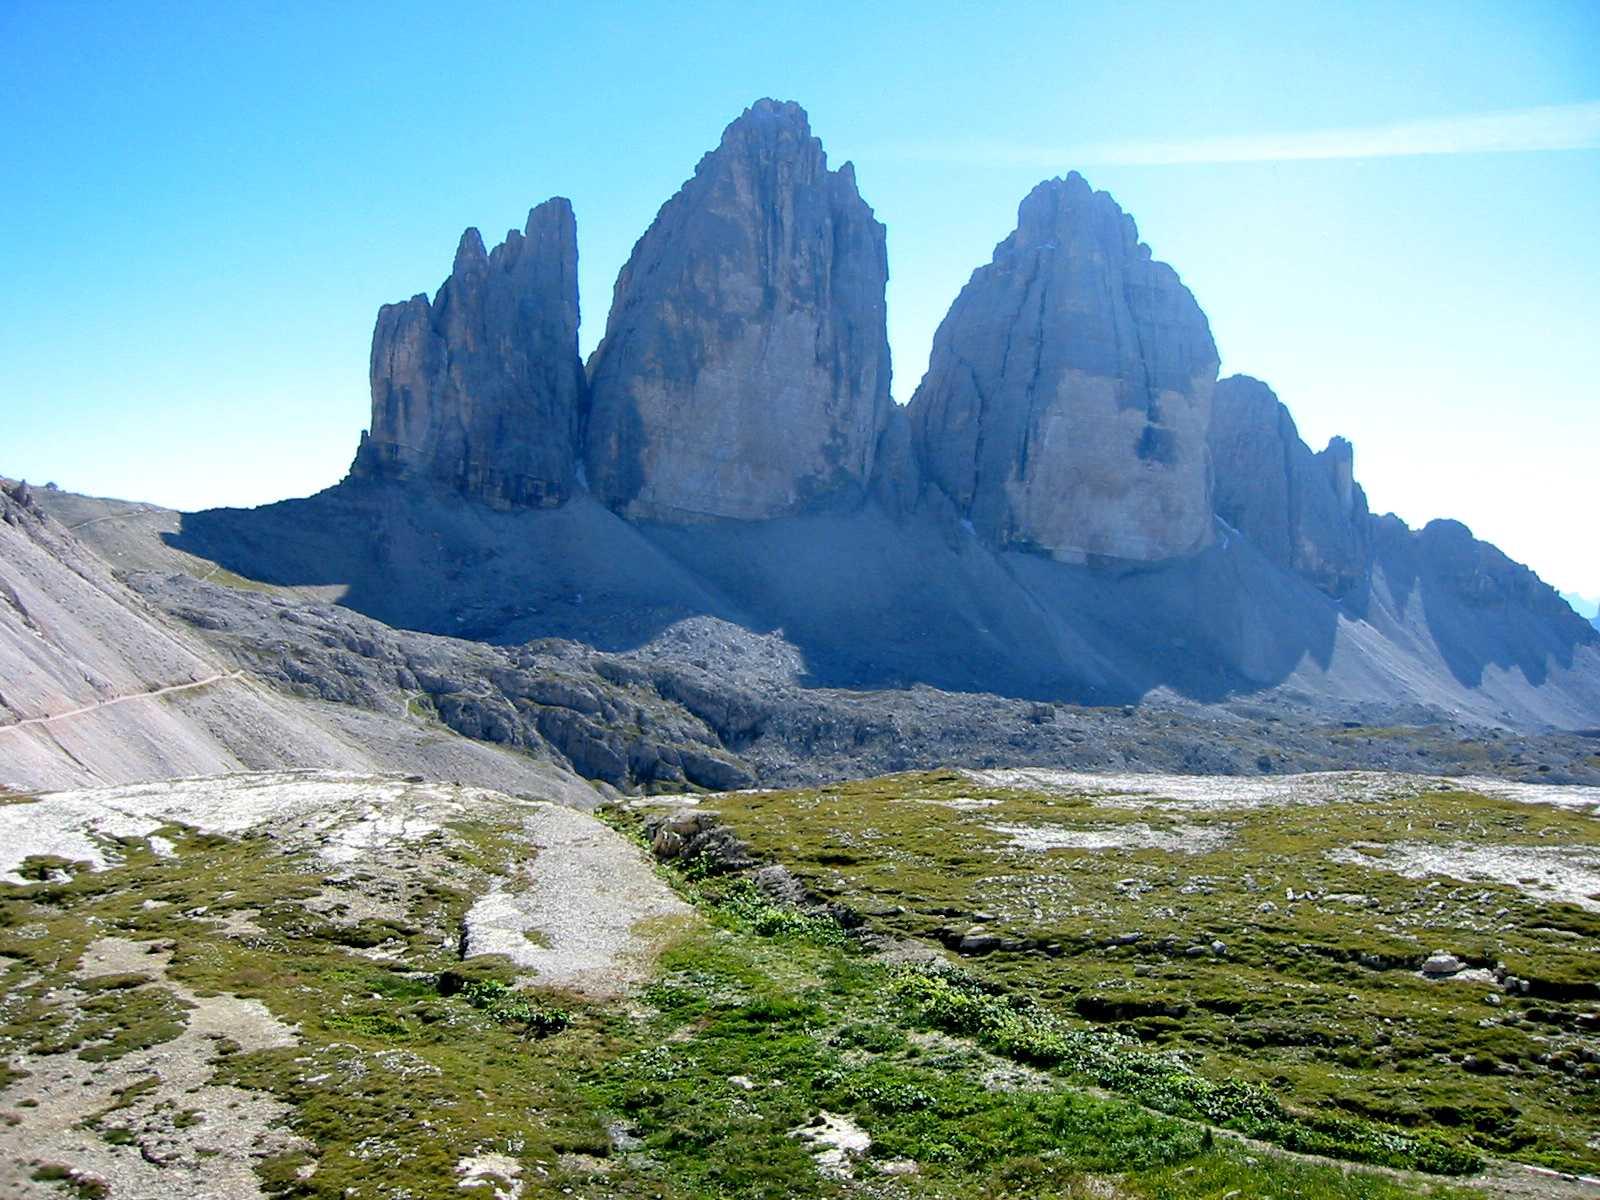 Dolomites wikidata - Immagini da colorare delle montagne ...